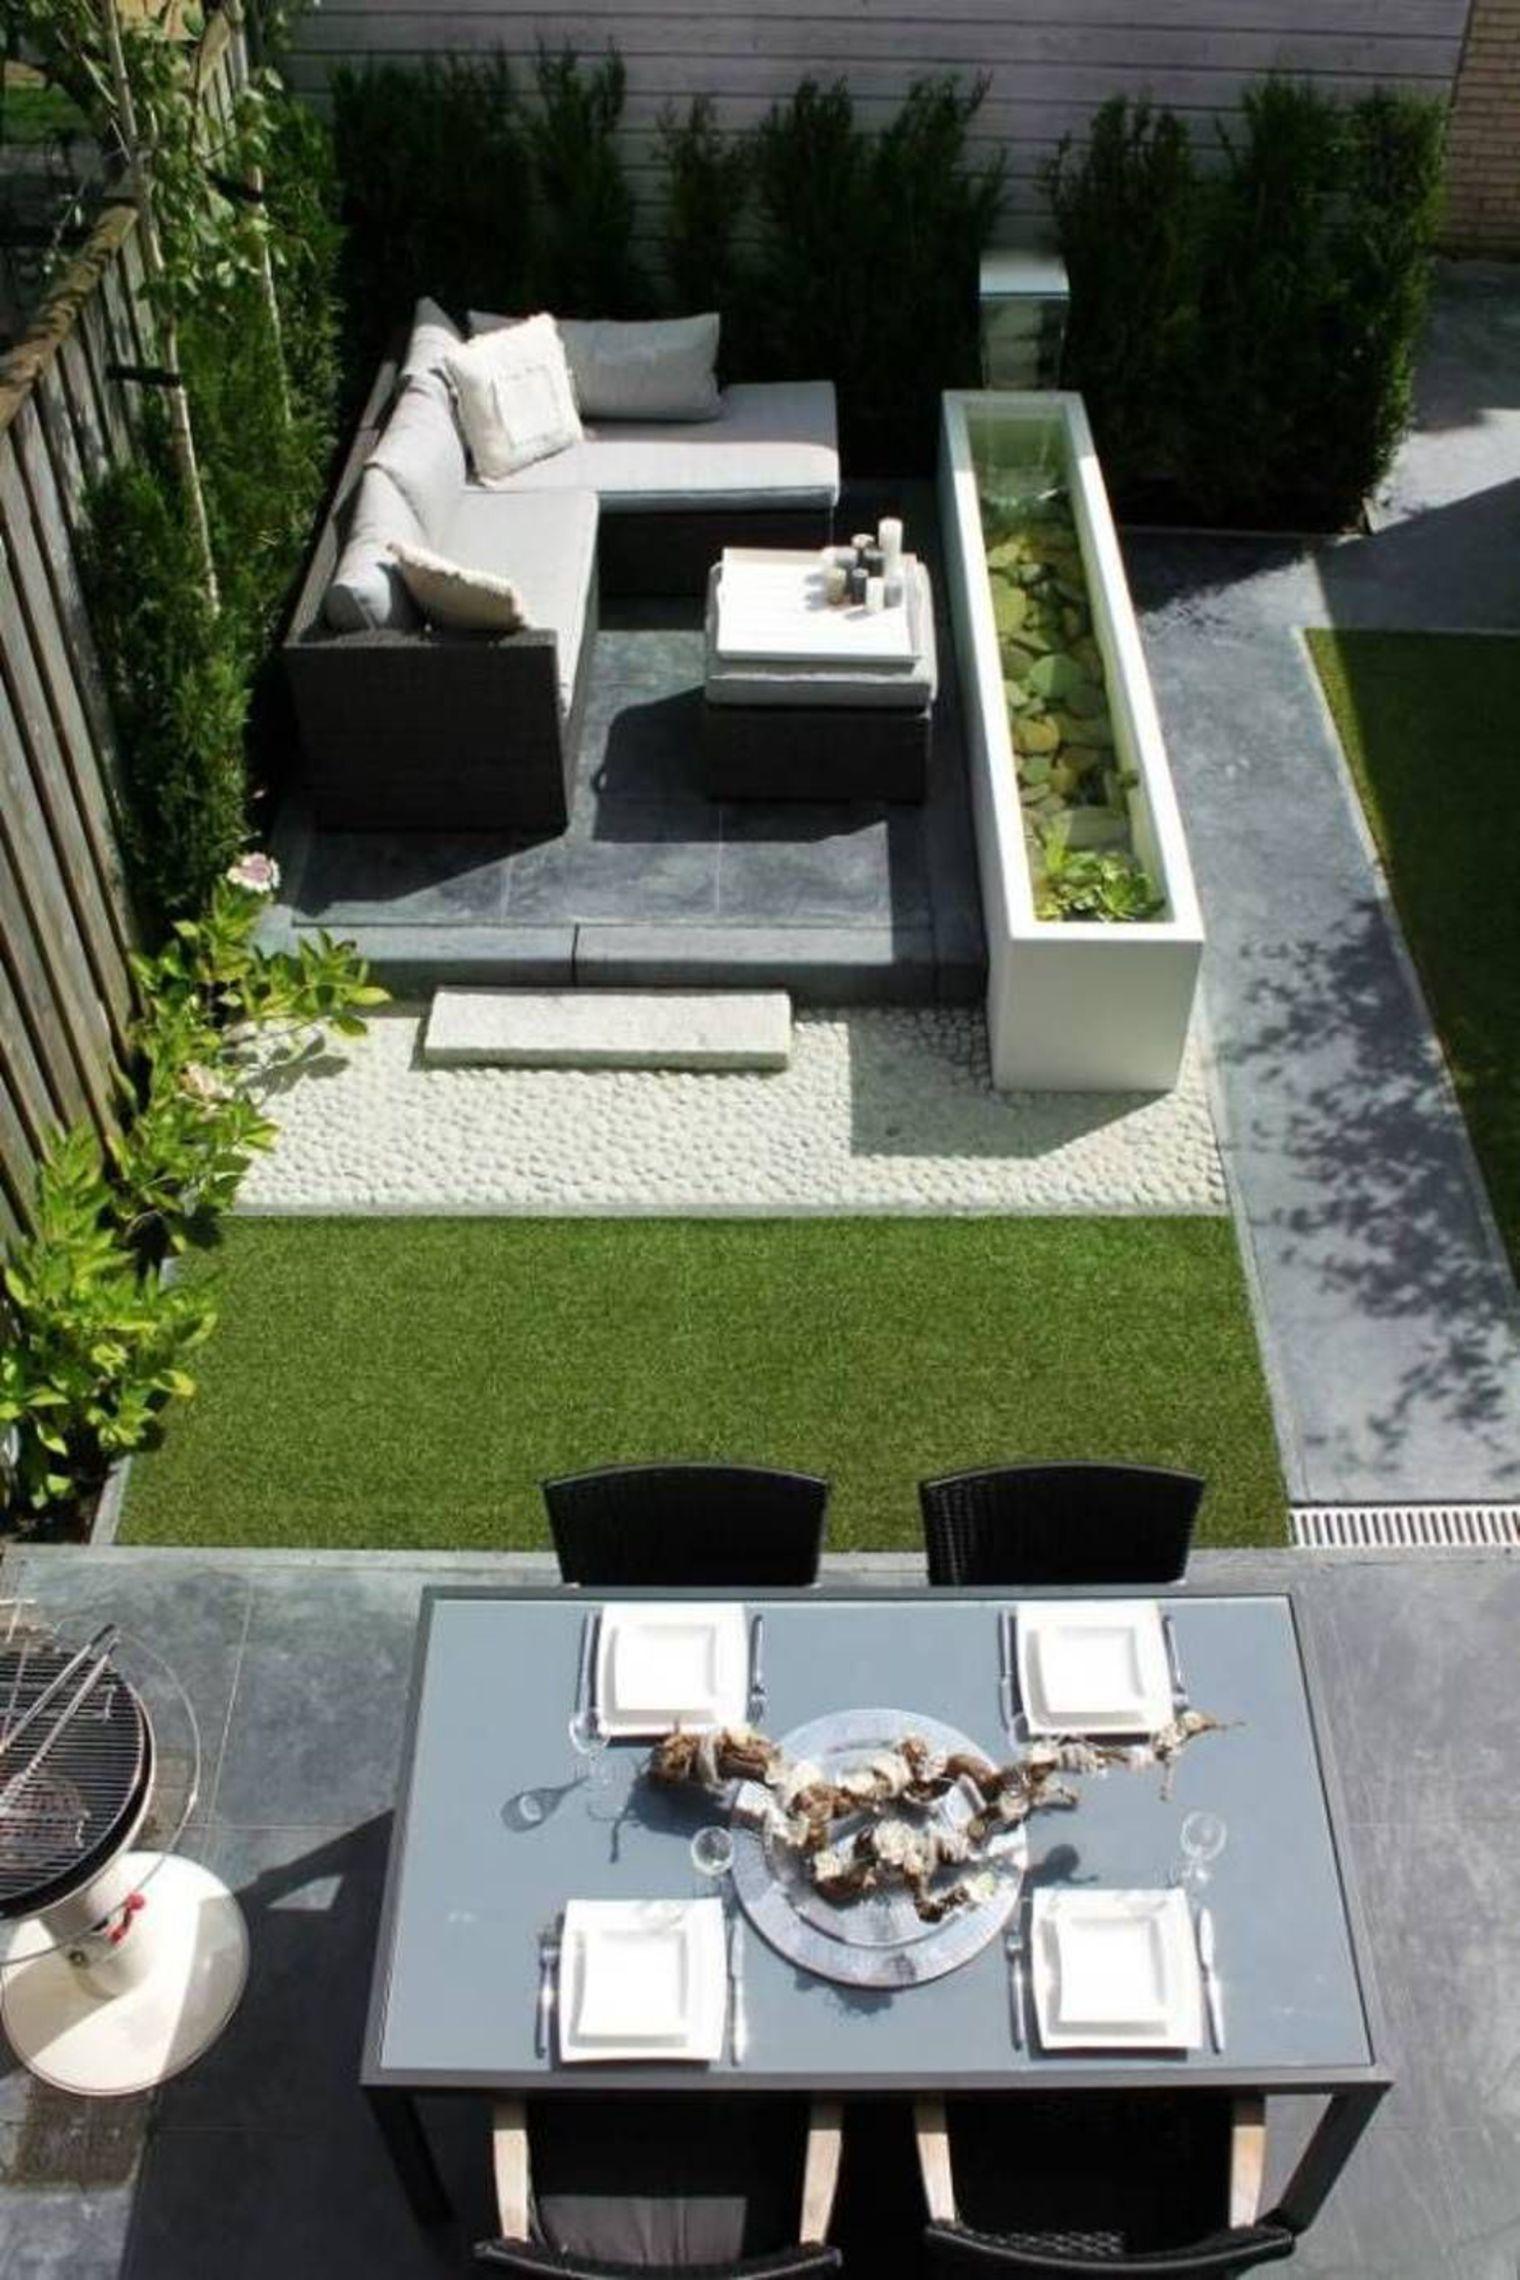 Petit Jardin : 8 Aménagements Repérés Sur Pinterest | Para ... tout Casa Salon De Jardin